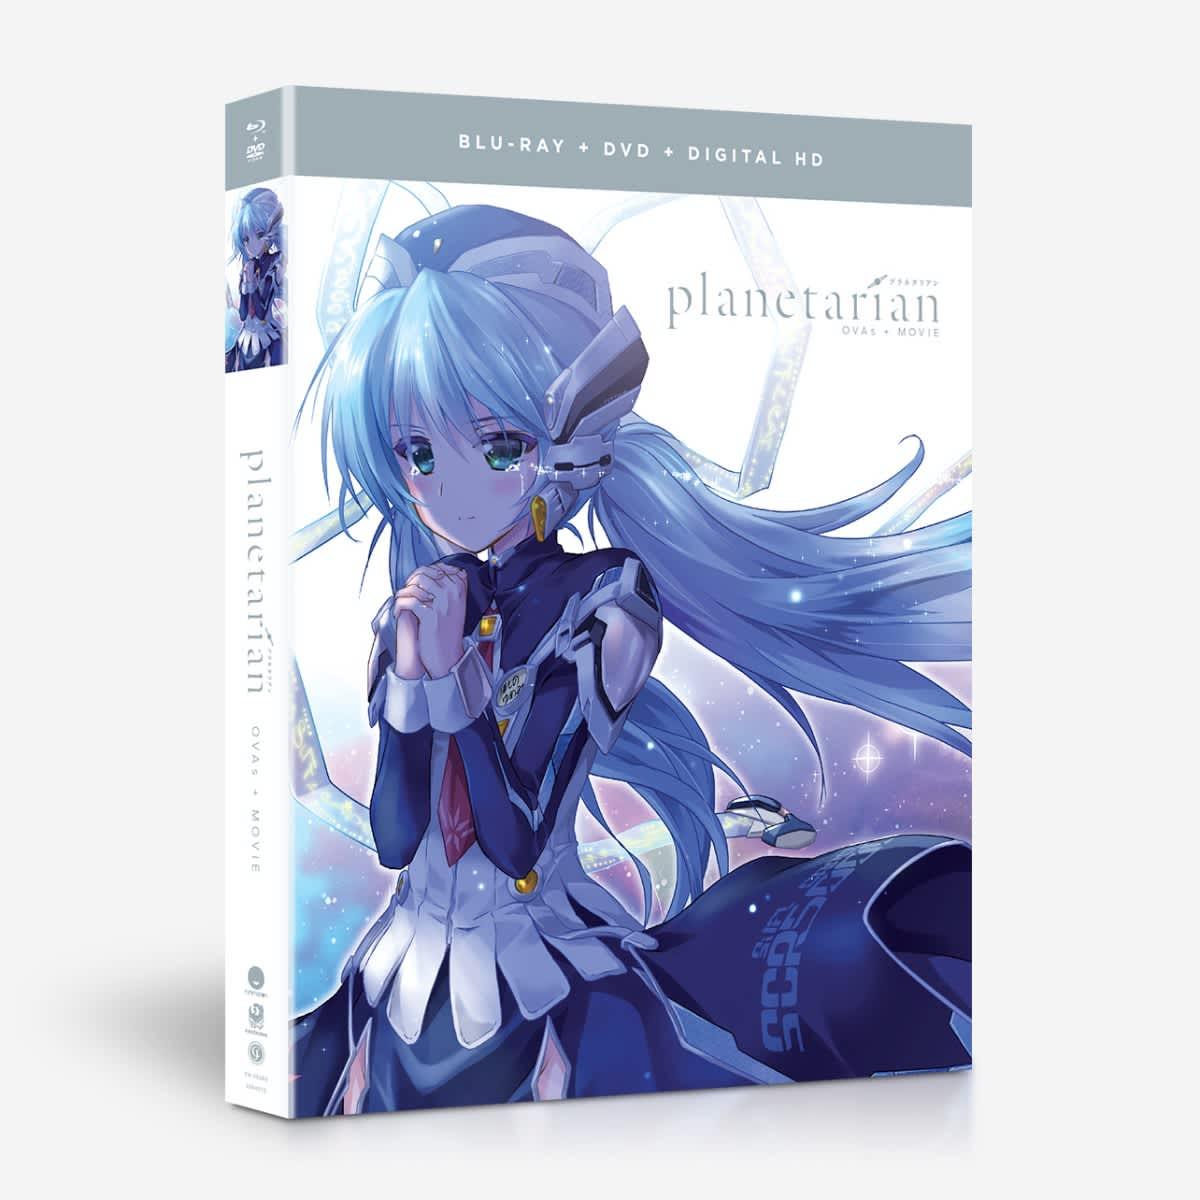 Planetarian OVAs + Movie Blu-ray/DVD 704400052804